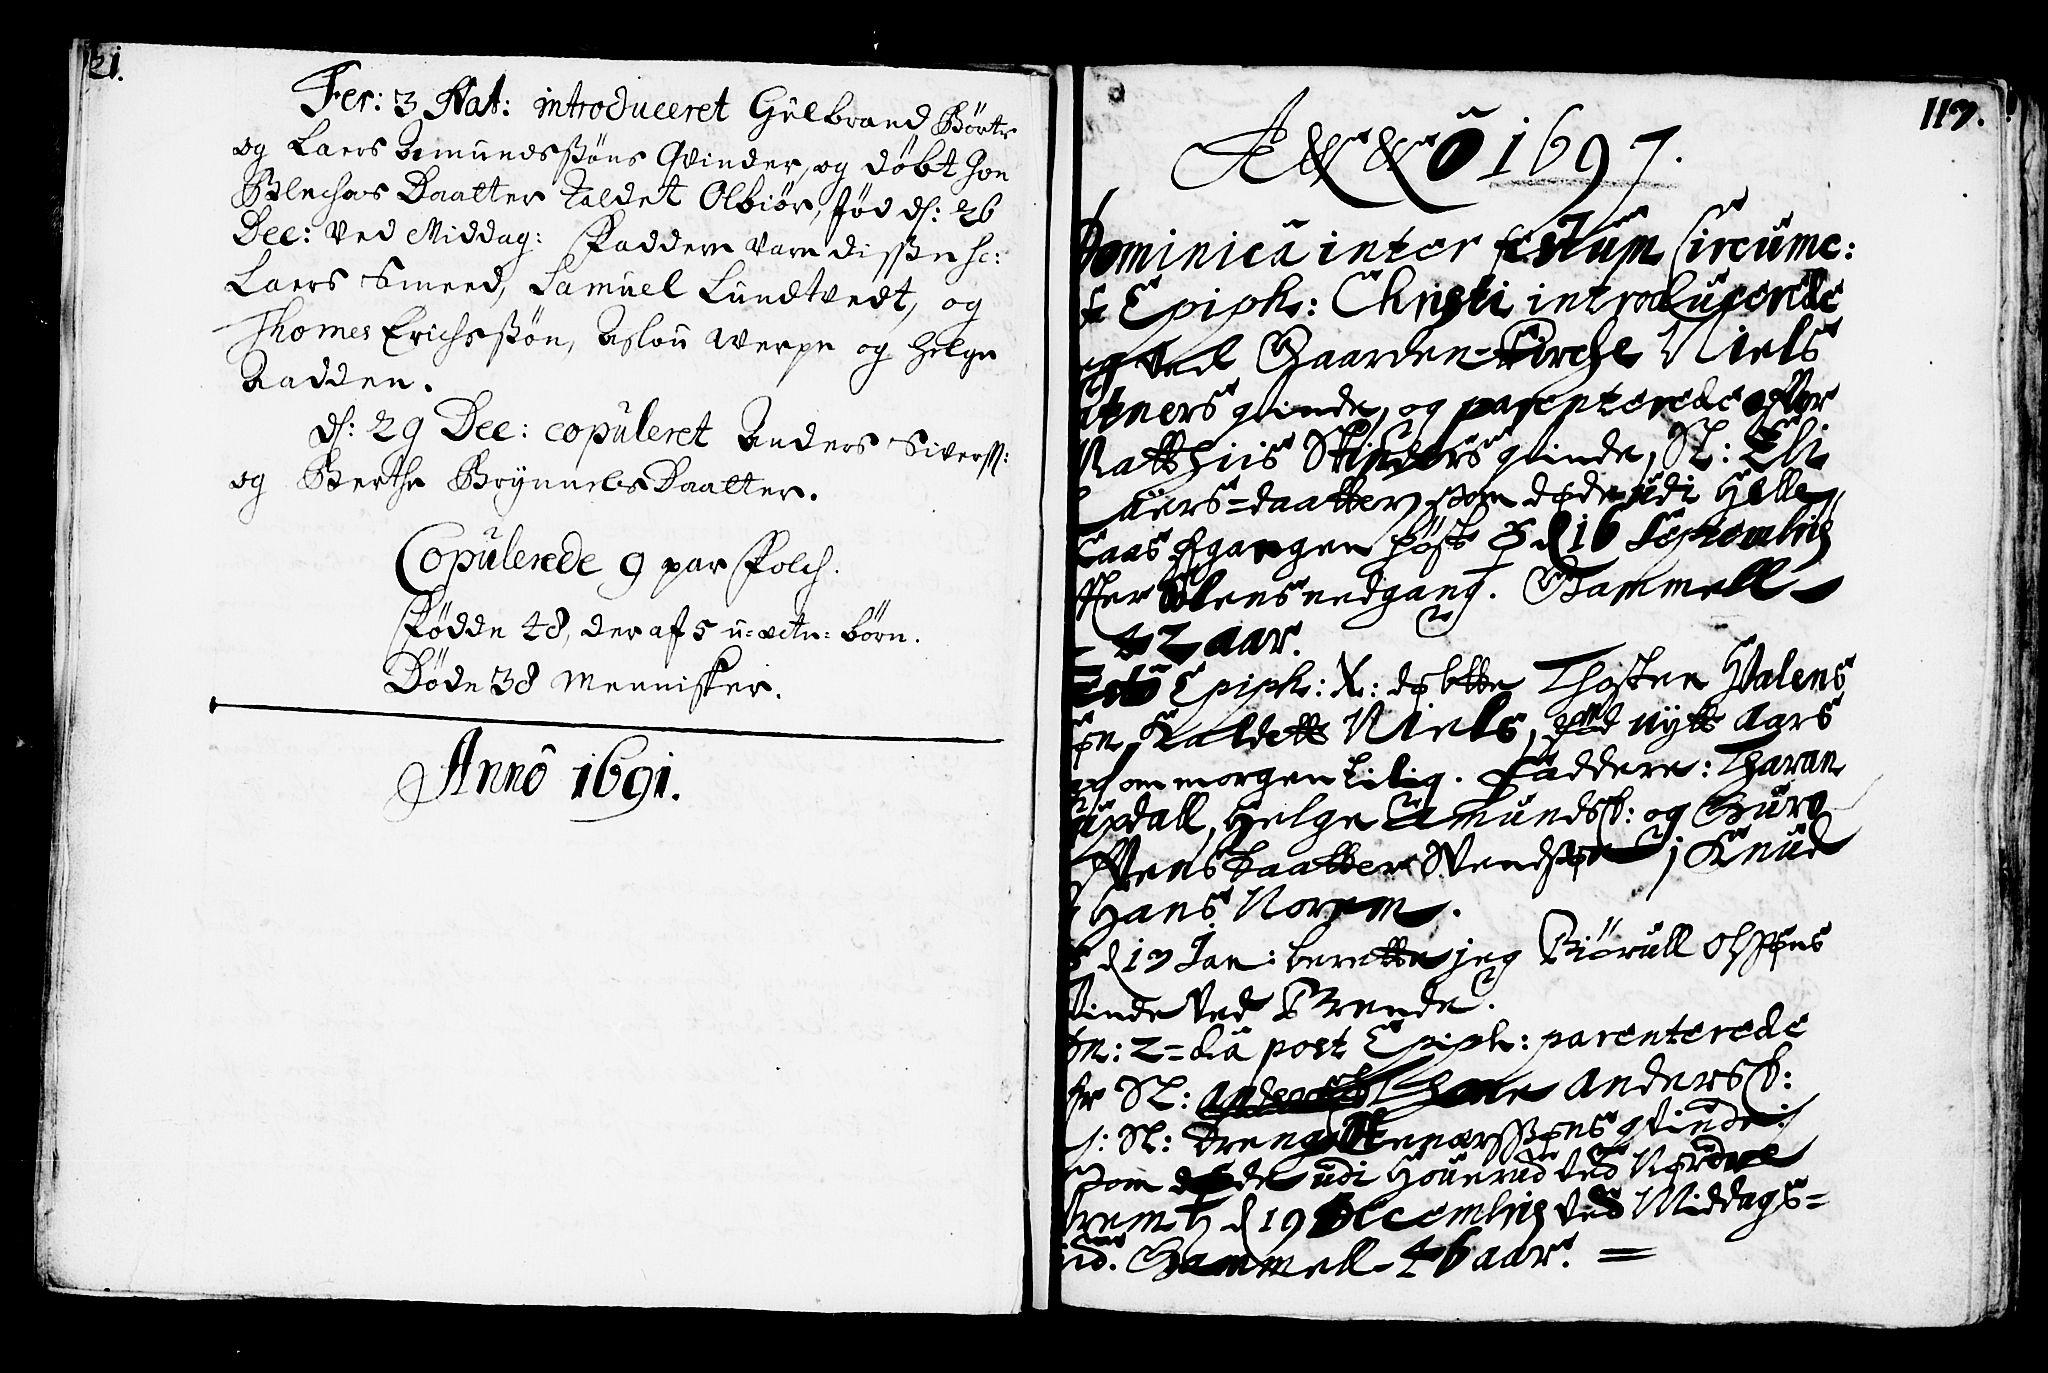 SAKO, Bø kirkebøker, F/Fa/L0001: Ministerialbok nr. 1, 1689-1699, s. 21-113